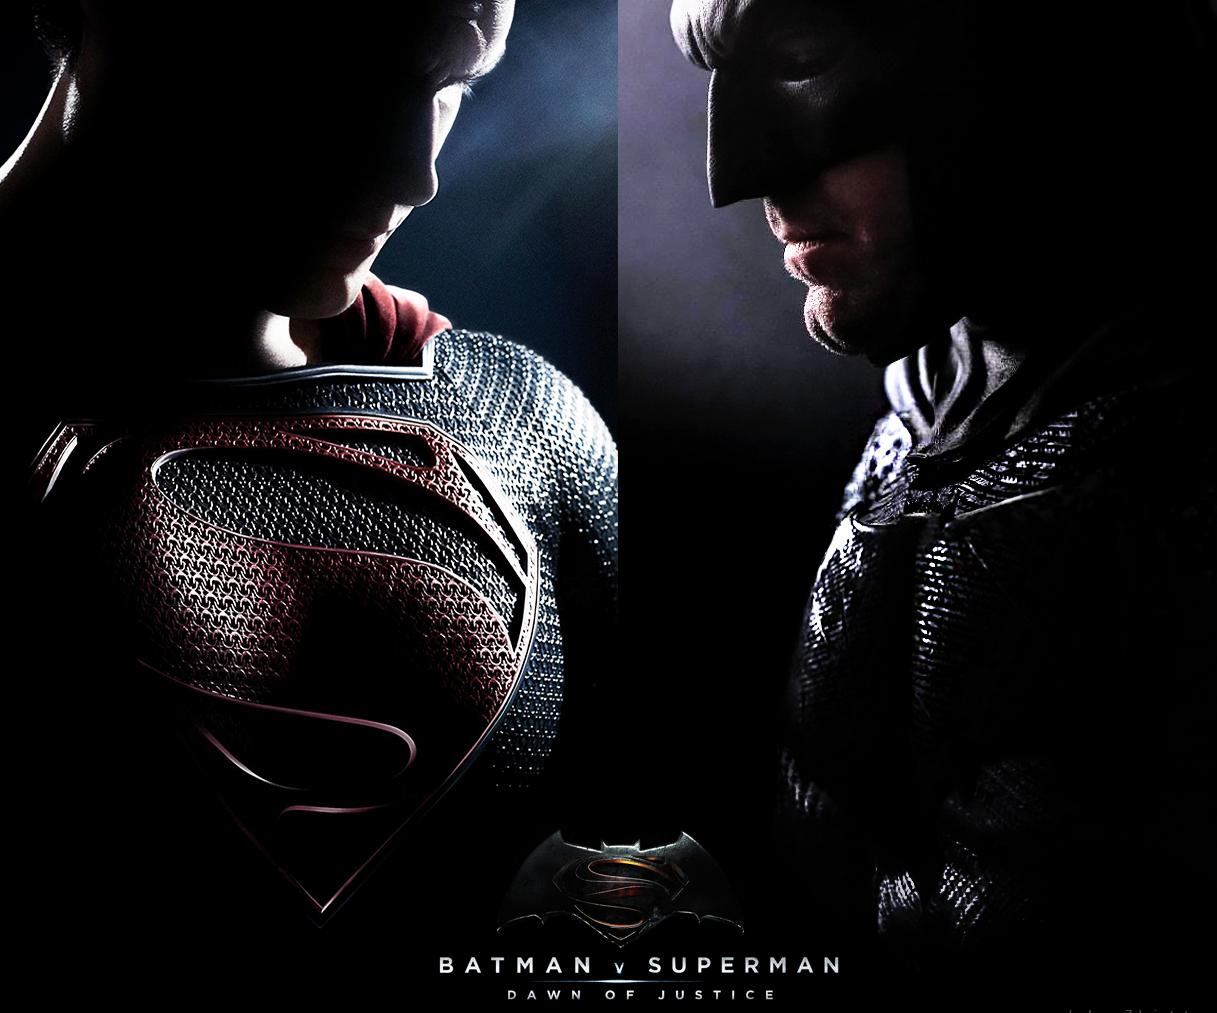 Download Batman Vs Superman Dawn Of Justice Wallpaper Widescreen